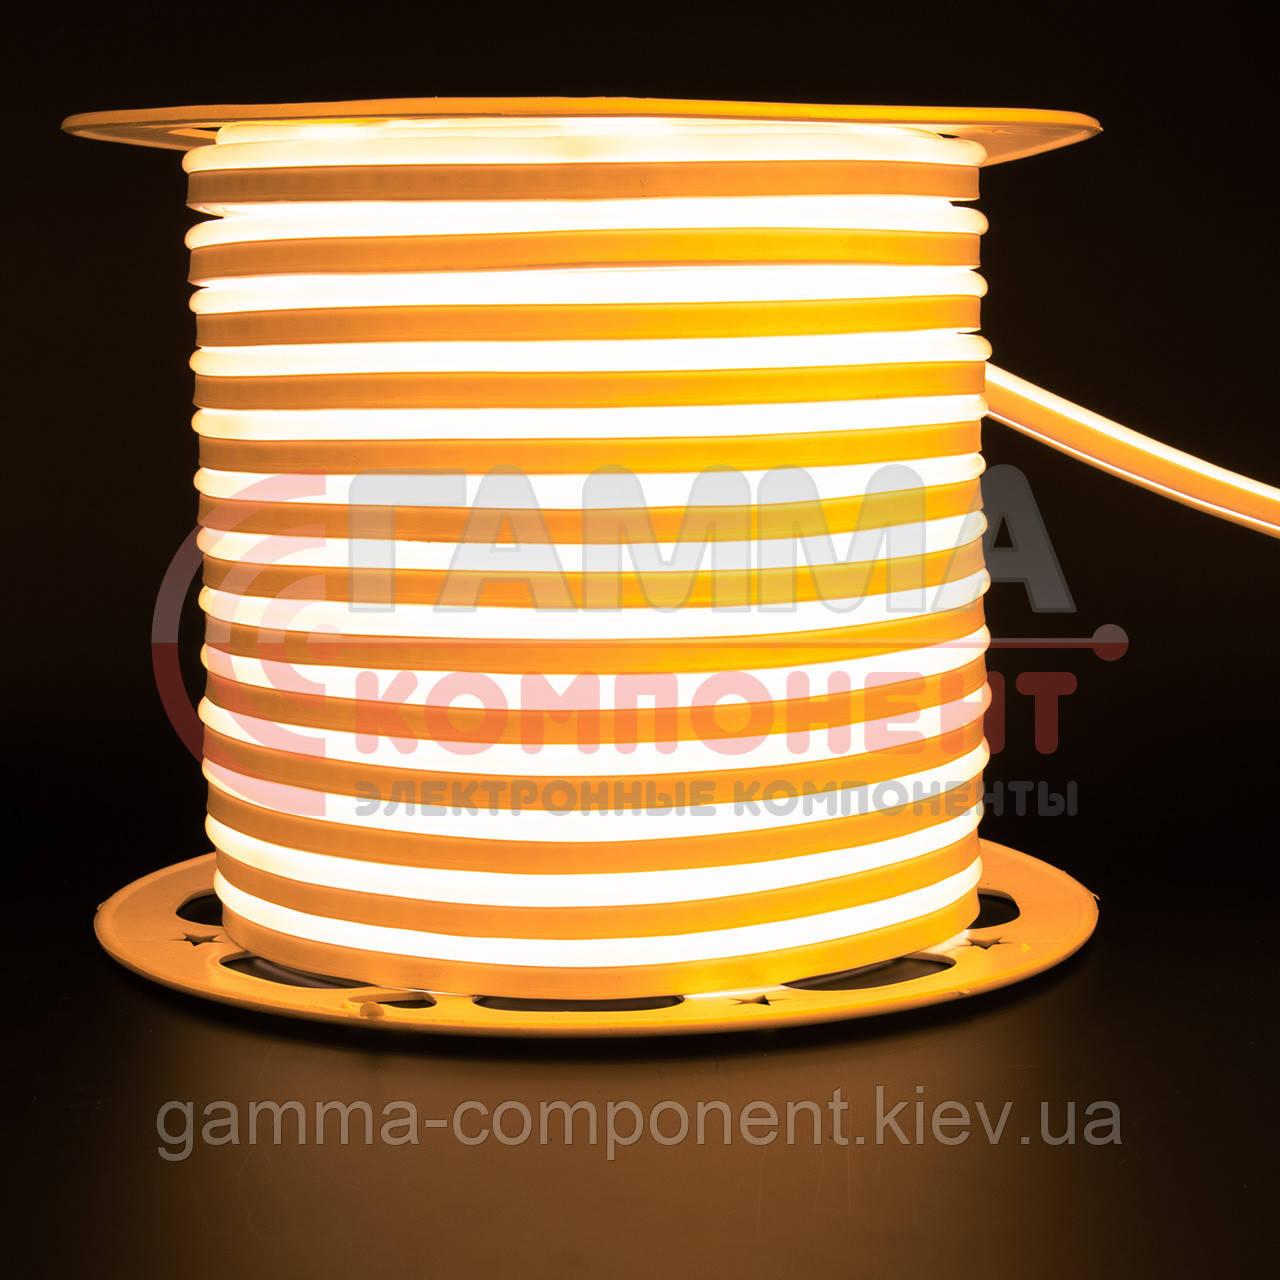 Светодиодный неон 220В желтый AVT smd 2835-120 лед/м 7Вт/м, герметичный. Бухта 50 метров.